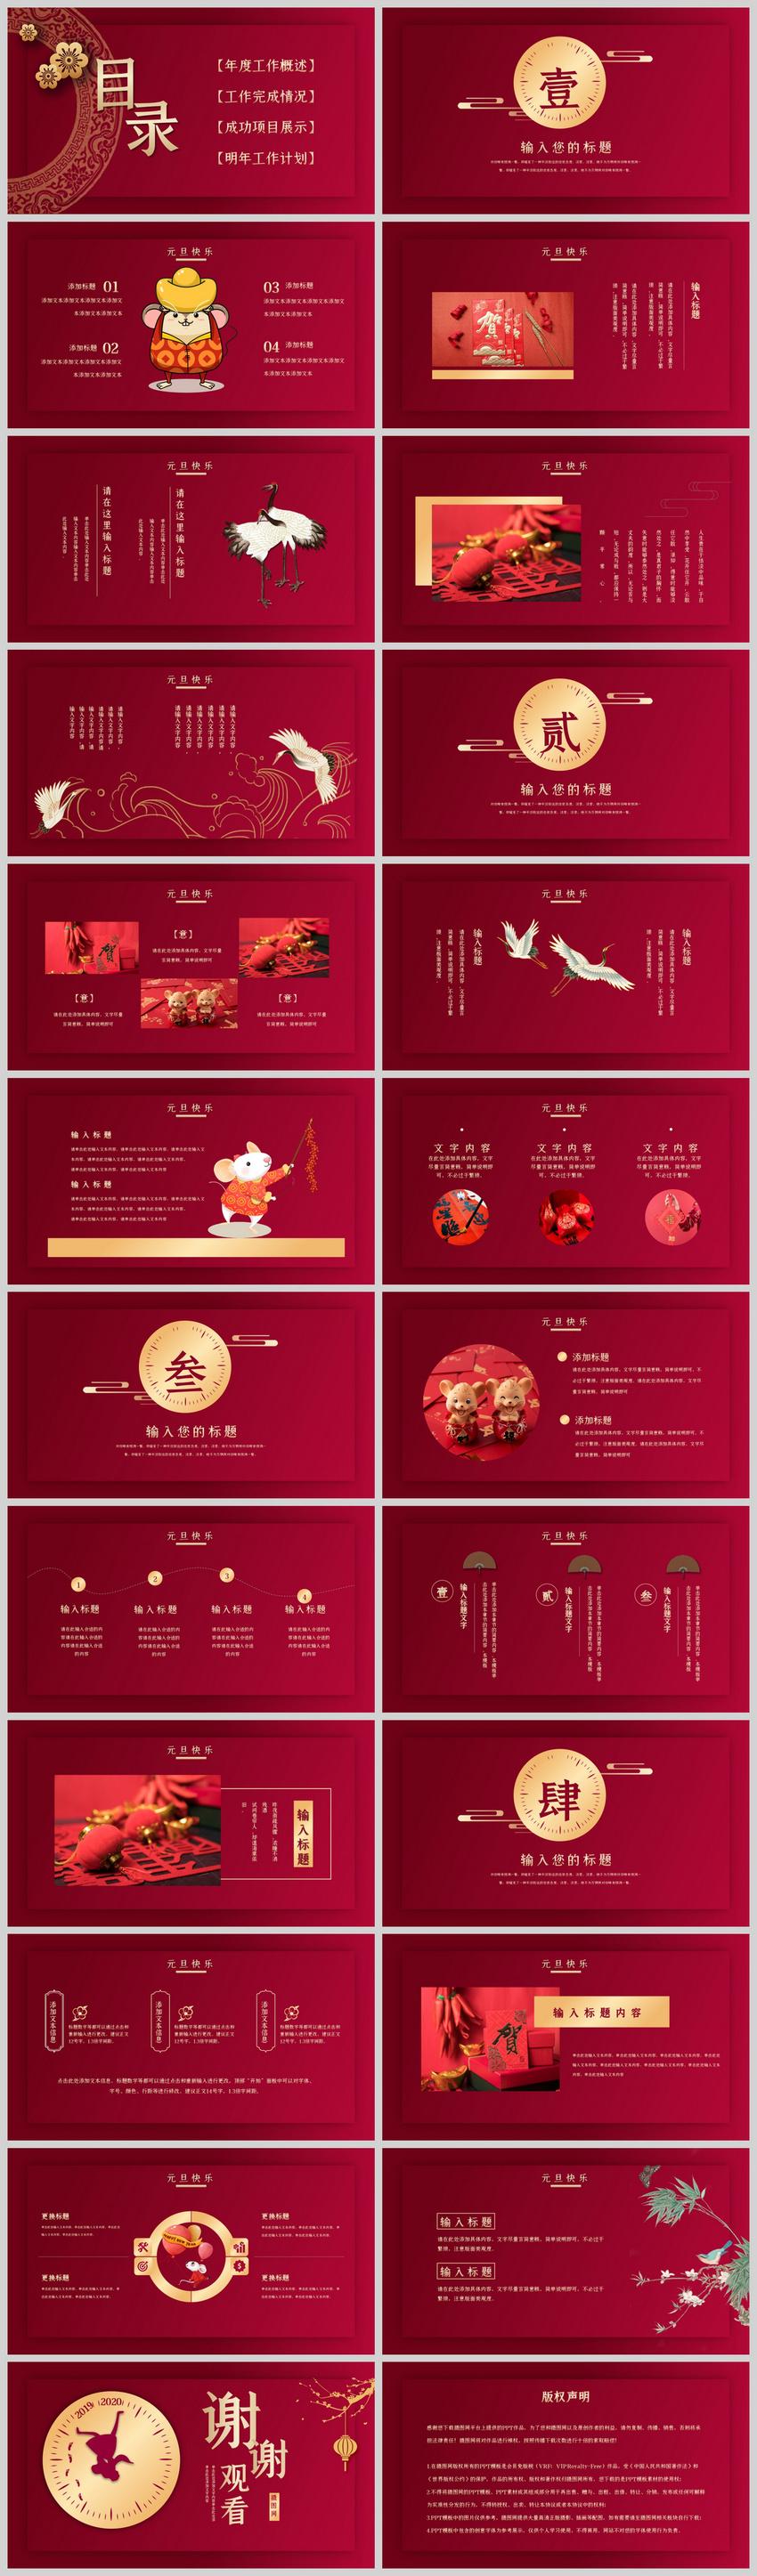 红色中国风ppt模板_红色中国风新年春节PPT模板图片-正版模板下载401666299-摄图网